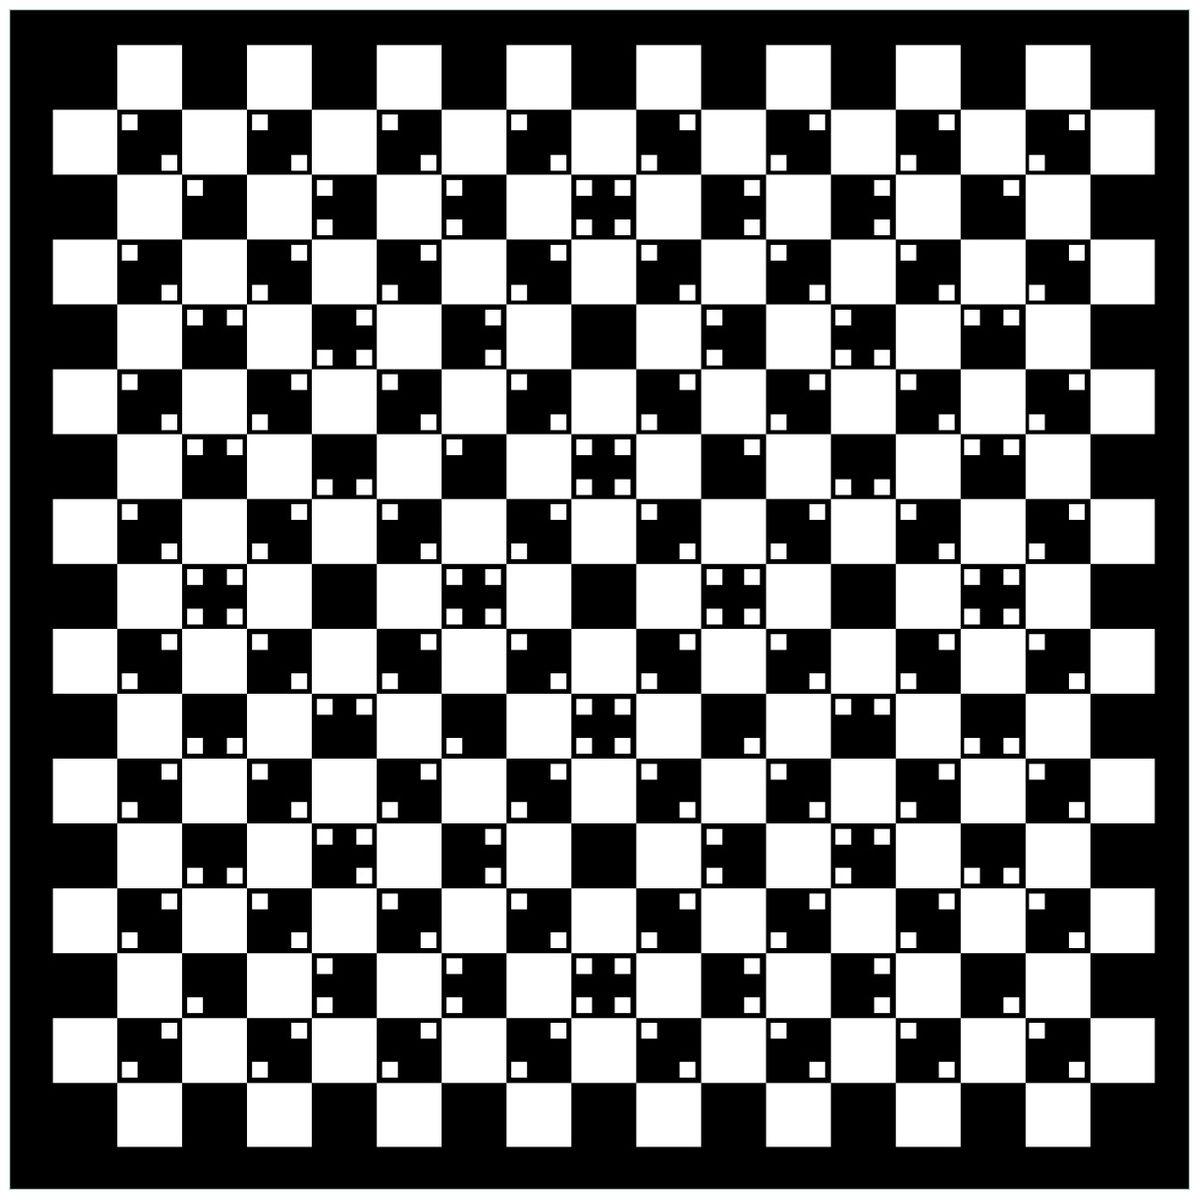 Optische Täuschung - Illusion - Schwarz Weiß 60 X 60 Cm bestimmt für Optische Täuschung Bild